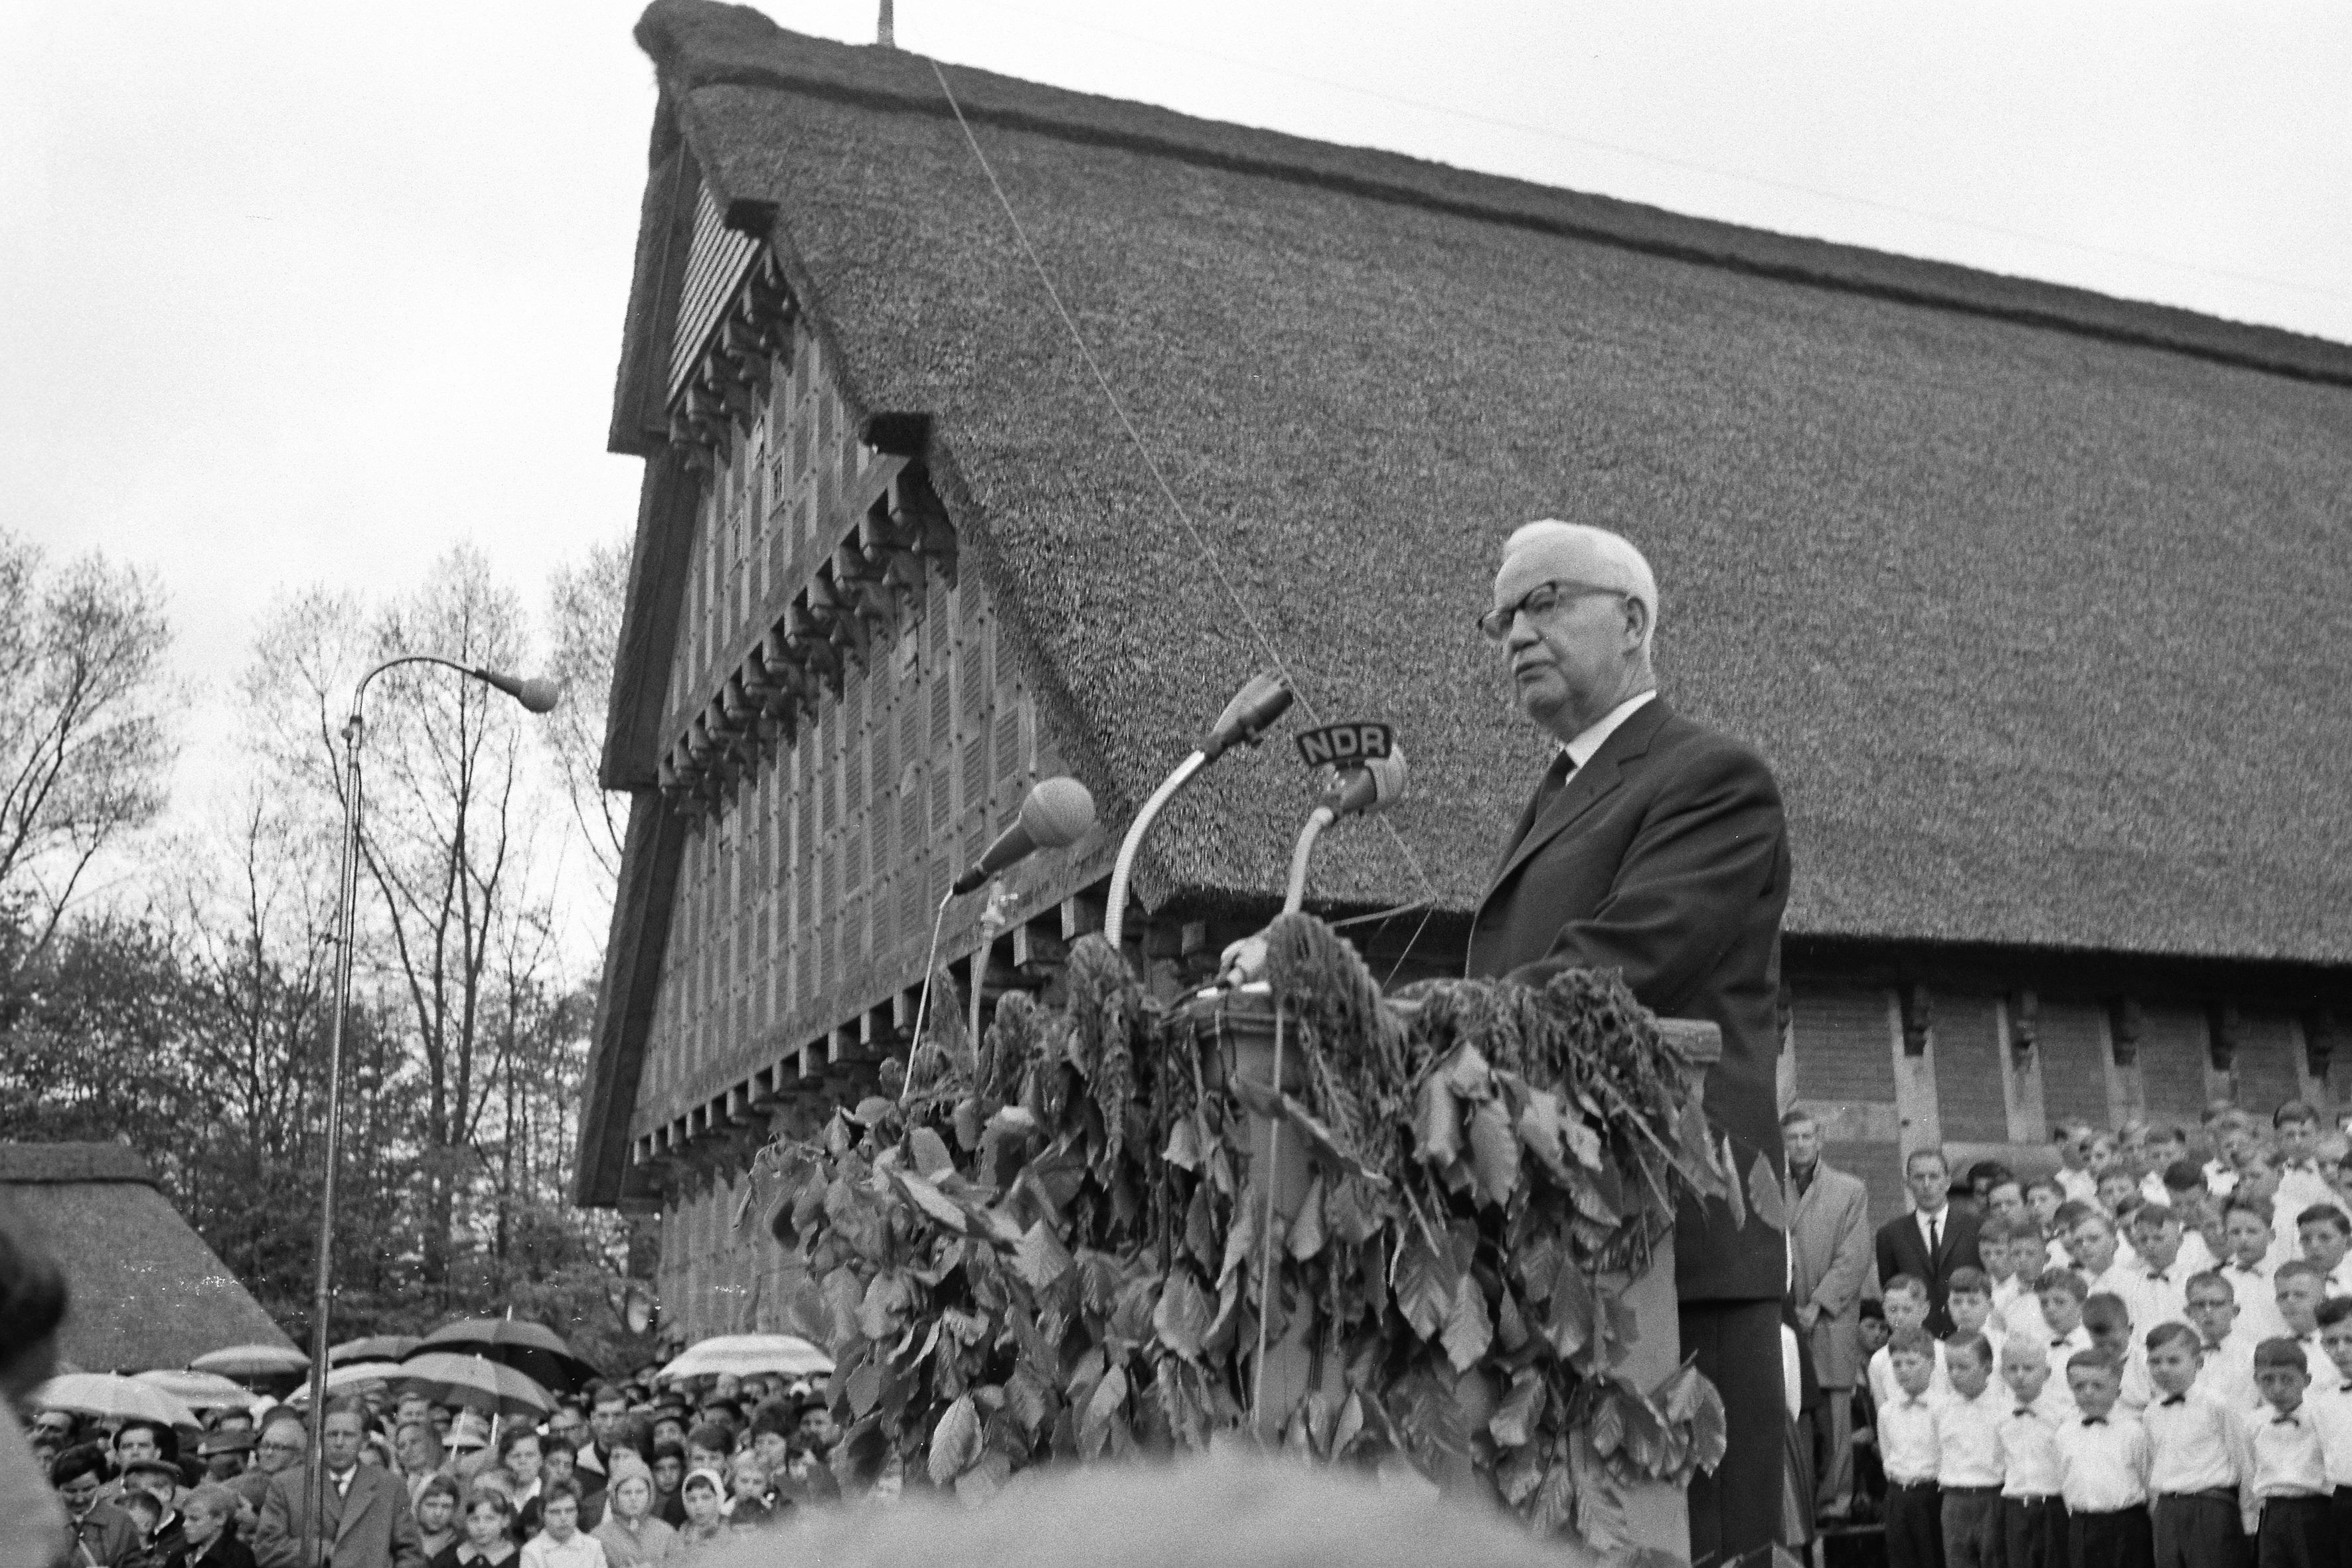 <strong>Ein hoher Gast im Museumsdorf:</strong> Bundespräsident Lübke hält hier am 15. Mai 1962 eine Rede. Das Zurborg-Foto erschien als Titelbild 3./4. Nummer der Heimatblätter des Jahres 1962.